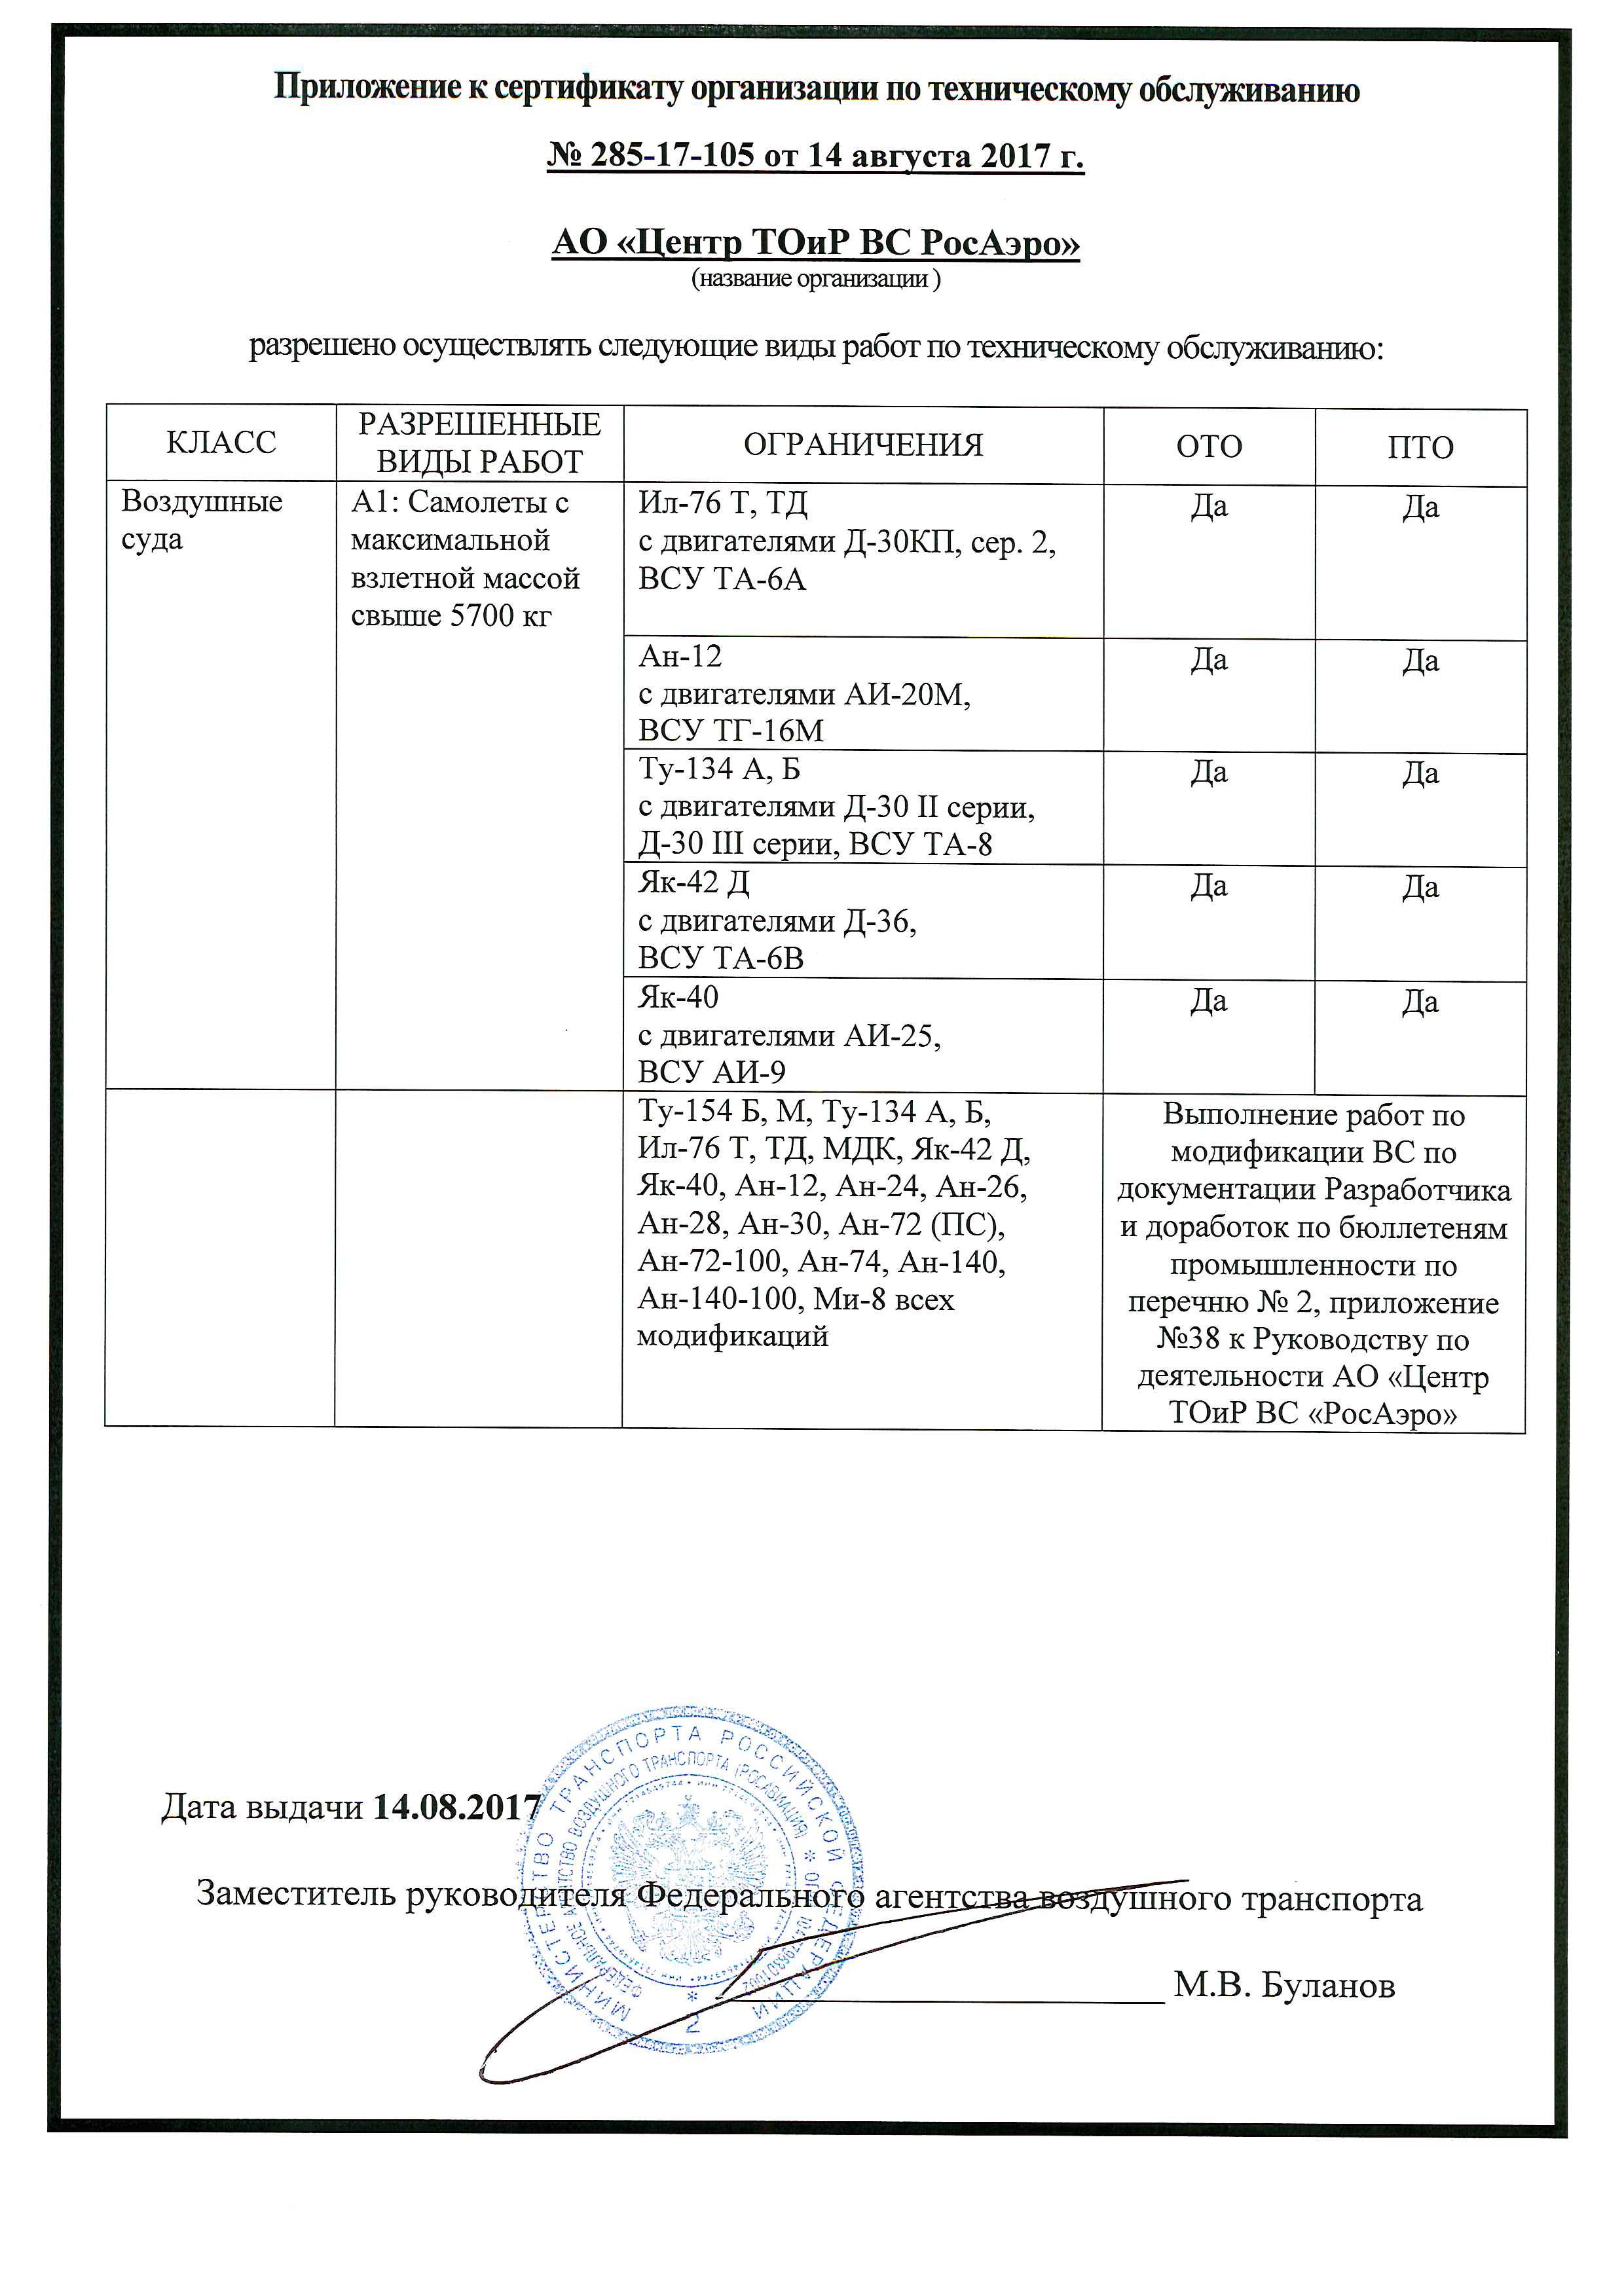 Приложение к сертификат № 285-17-105 Министерства транспорта РФ (ФАВТ) выданный организации по техническому обслуживанию